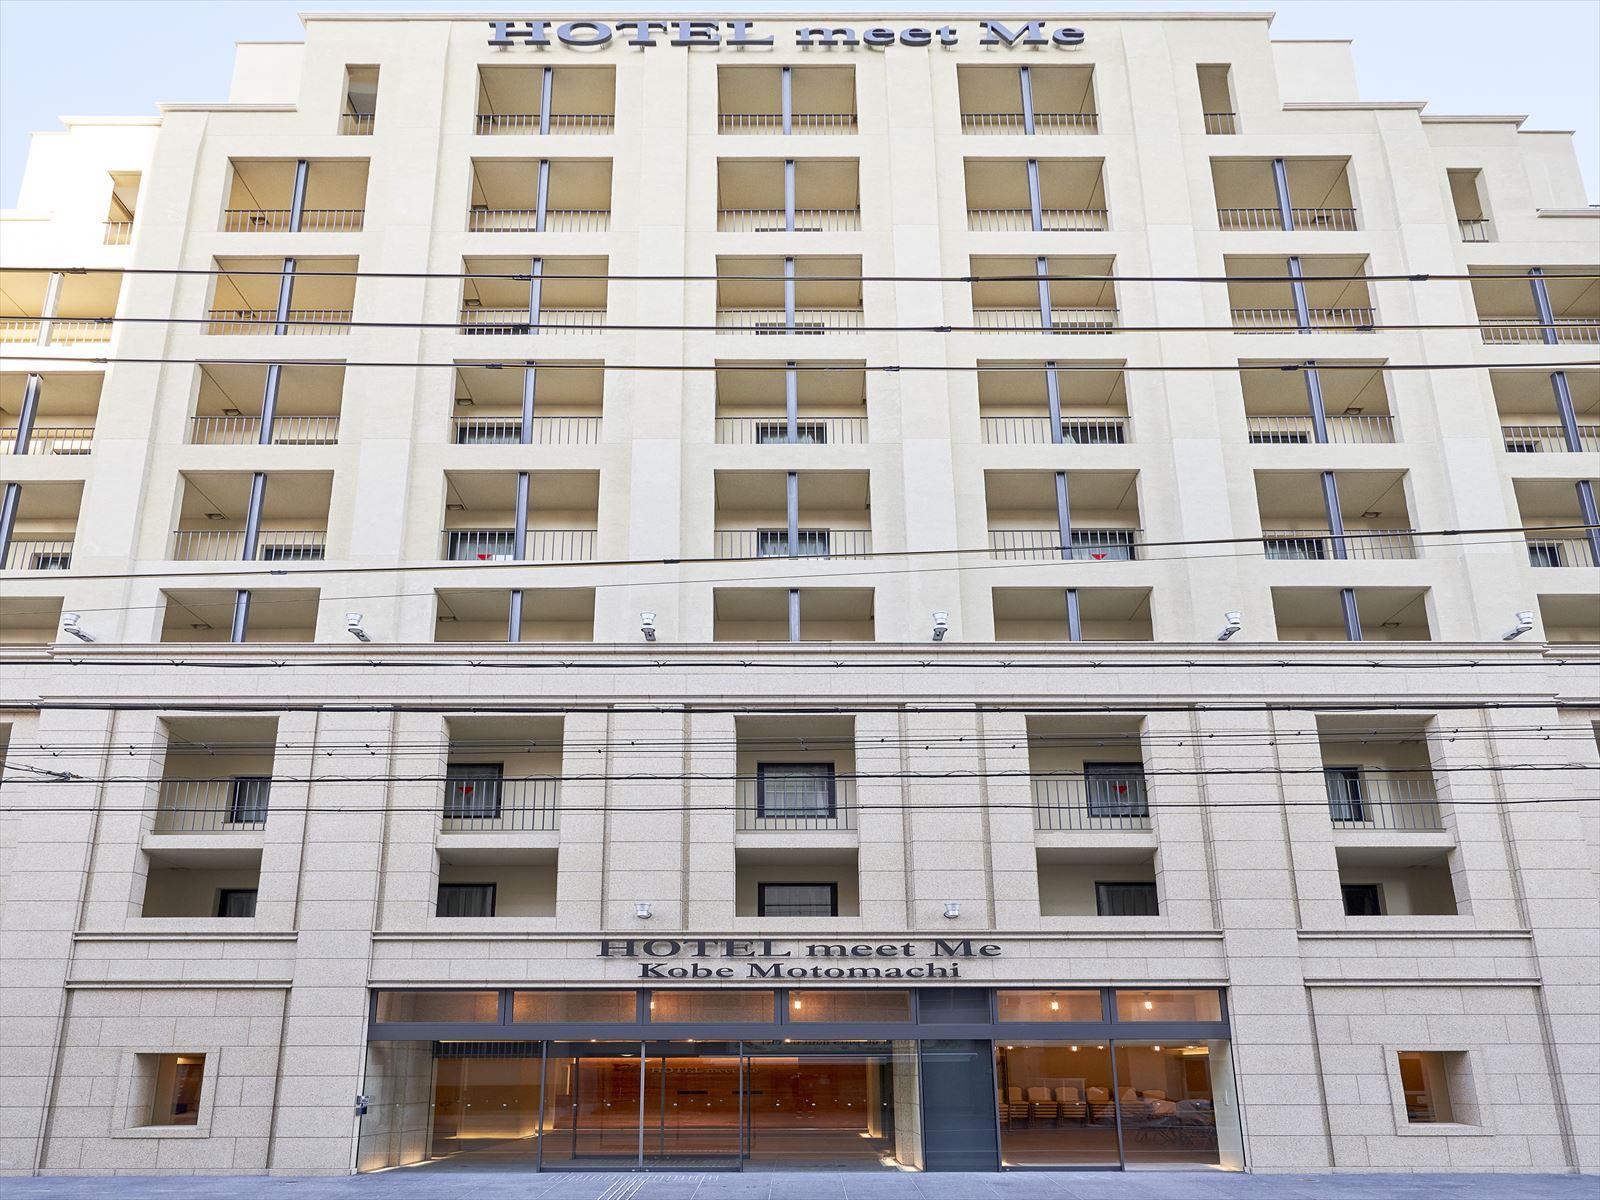 HOTEL meet Me 神戸元町ホテルミートミー神戸元町S280371